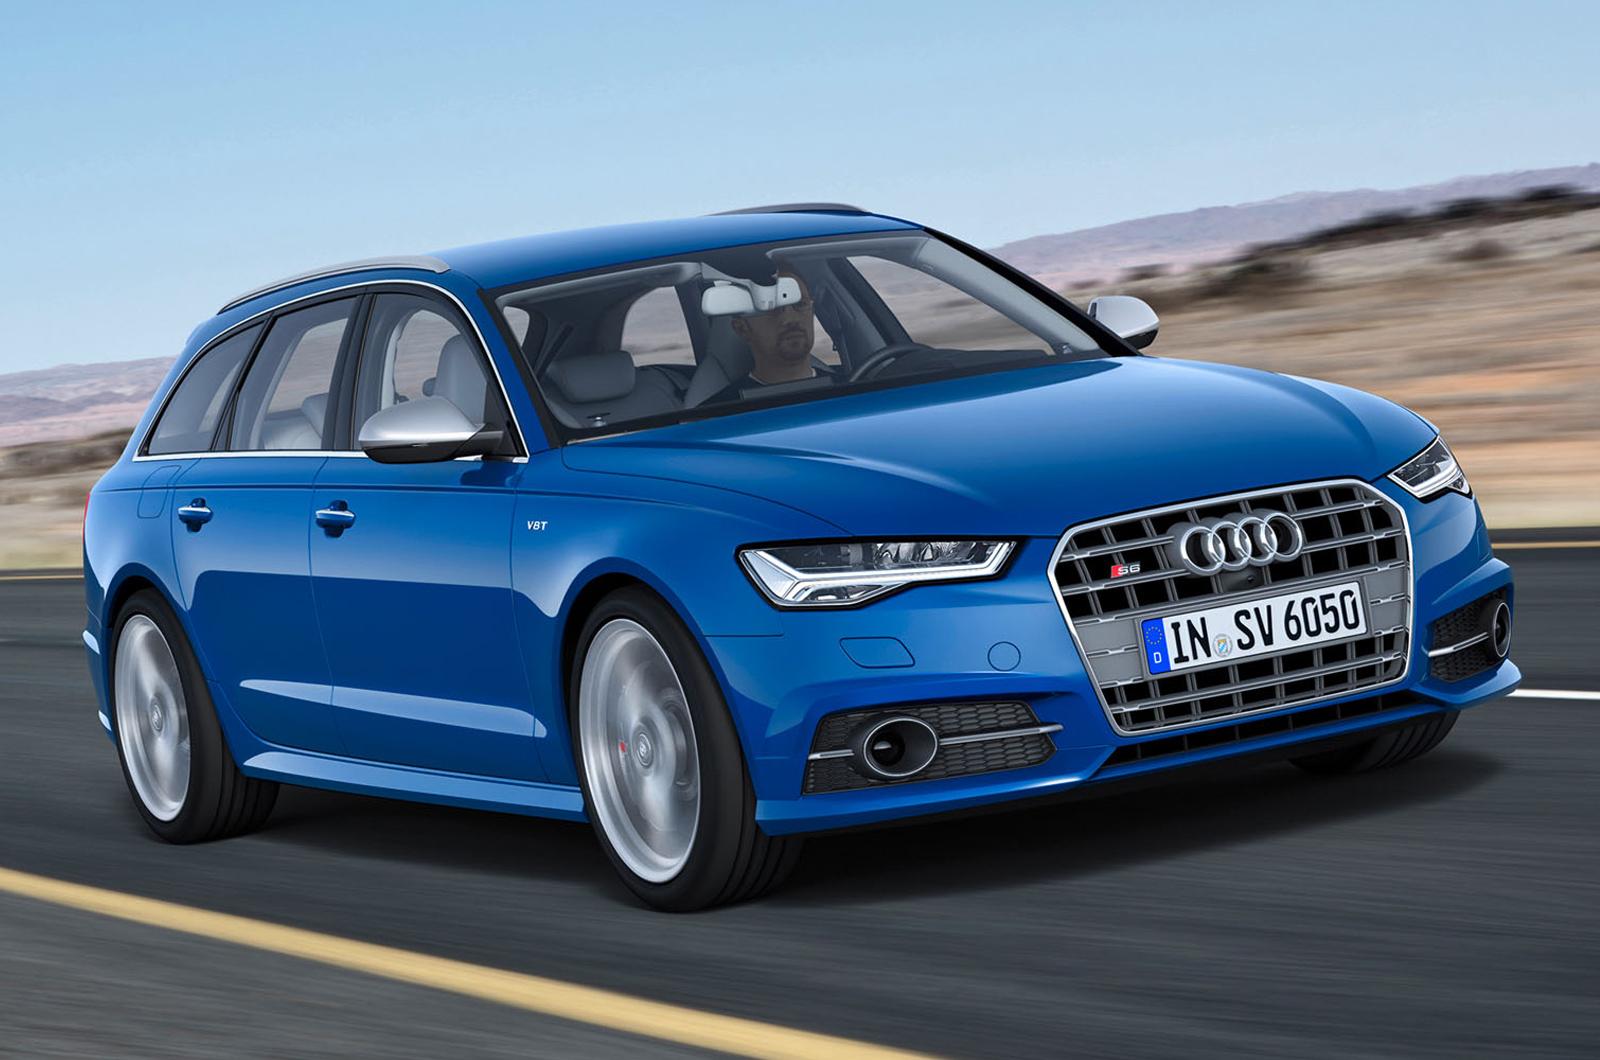 2014 Audi S6 Avant first drive review | Autocar